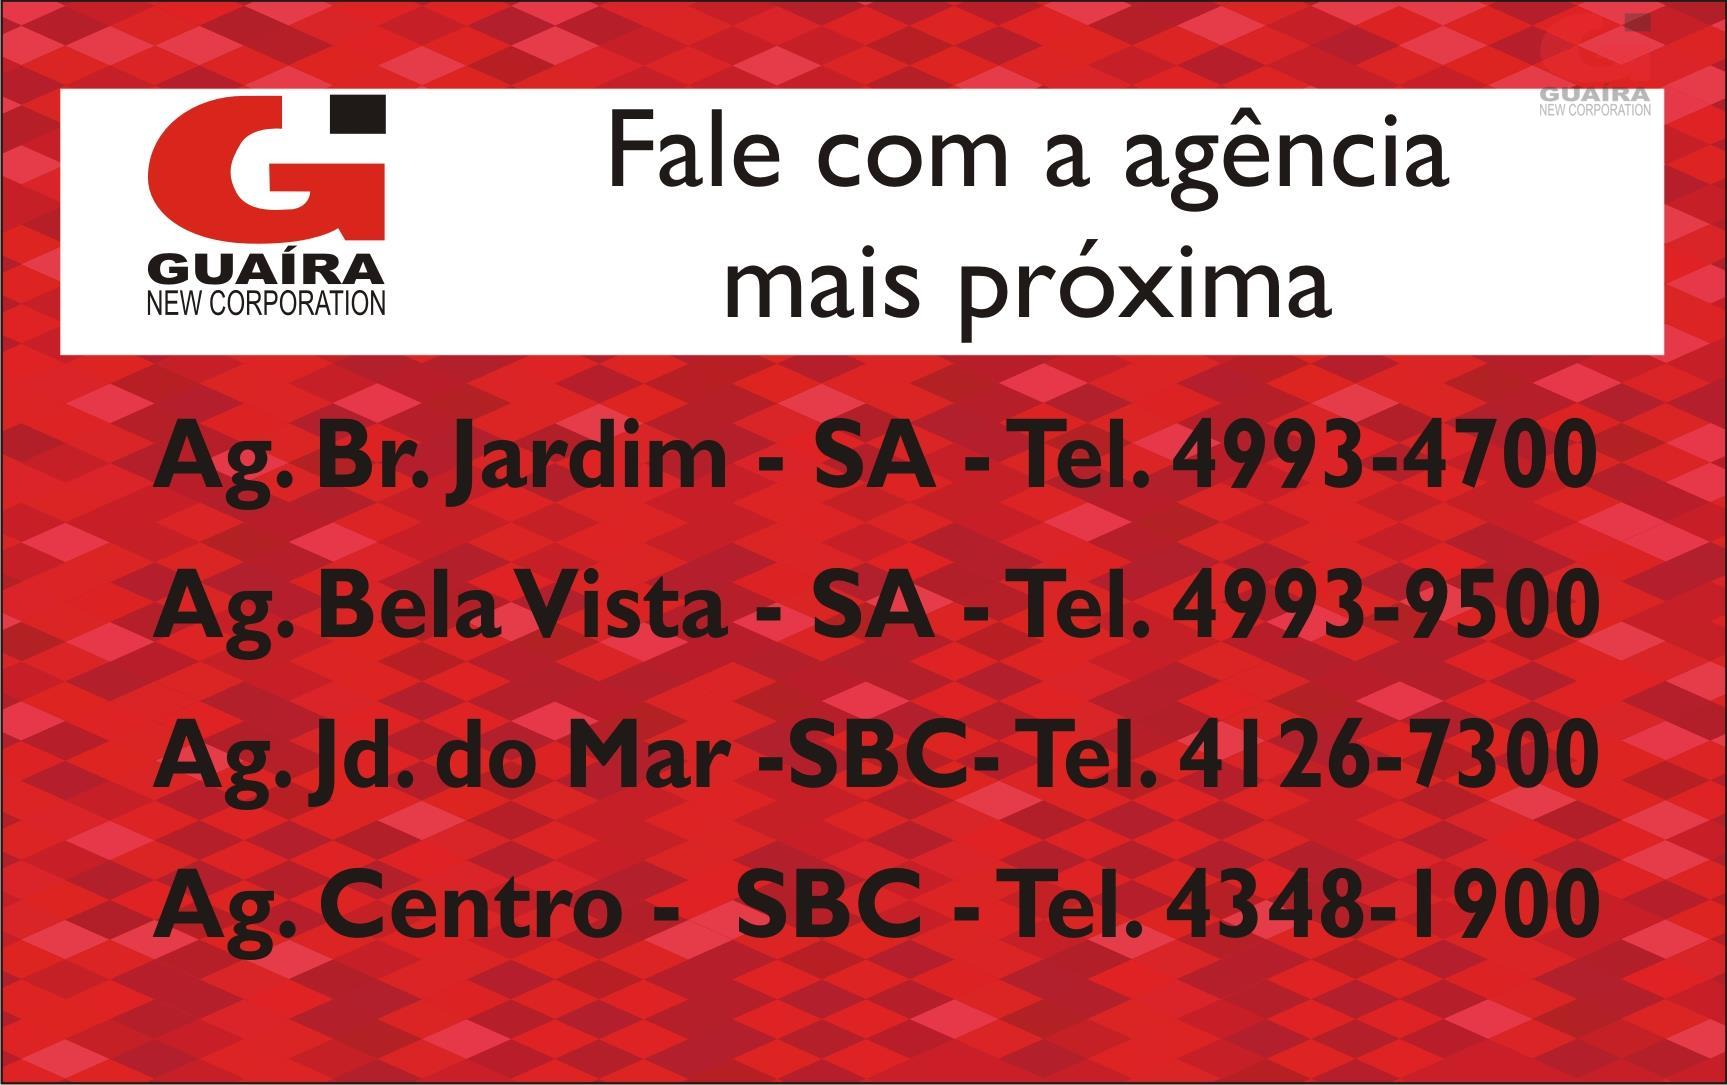 Sobrado de 4 dormitórios à venda em Bairro Jardim, Santo André - SP